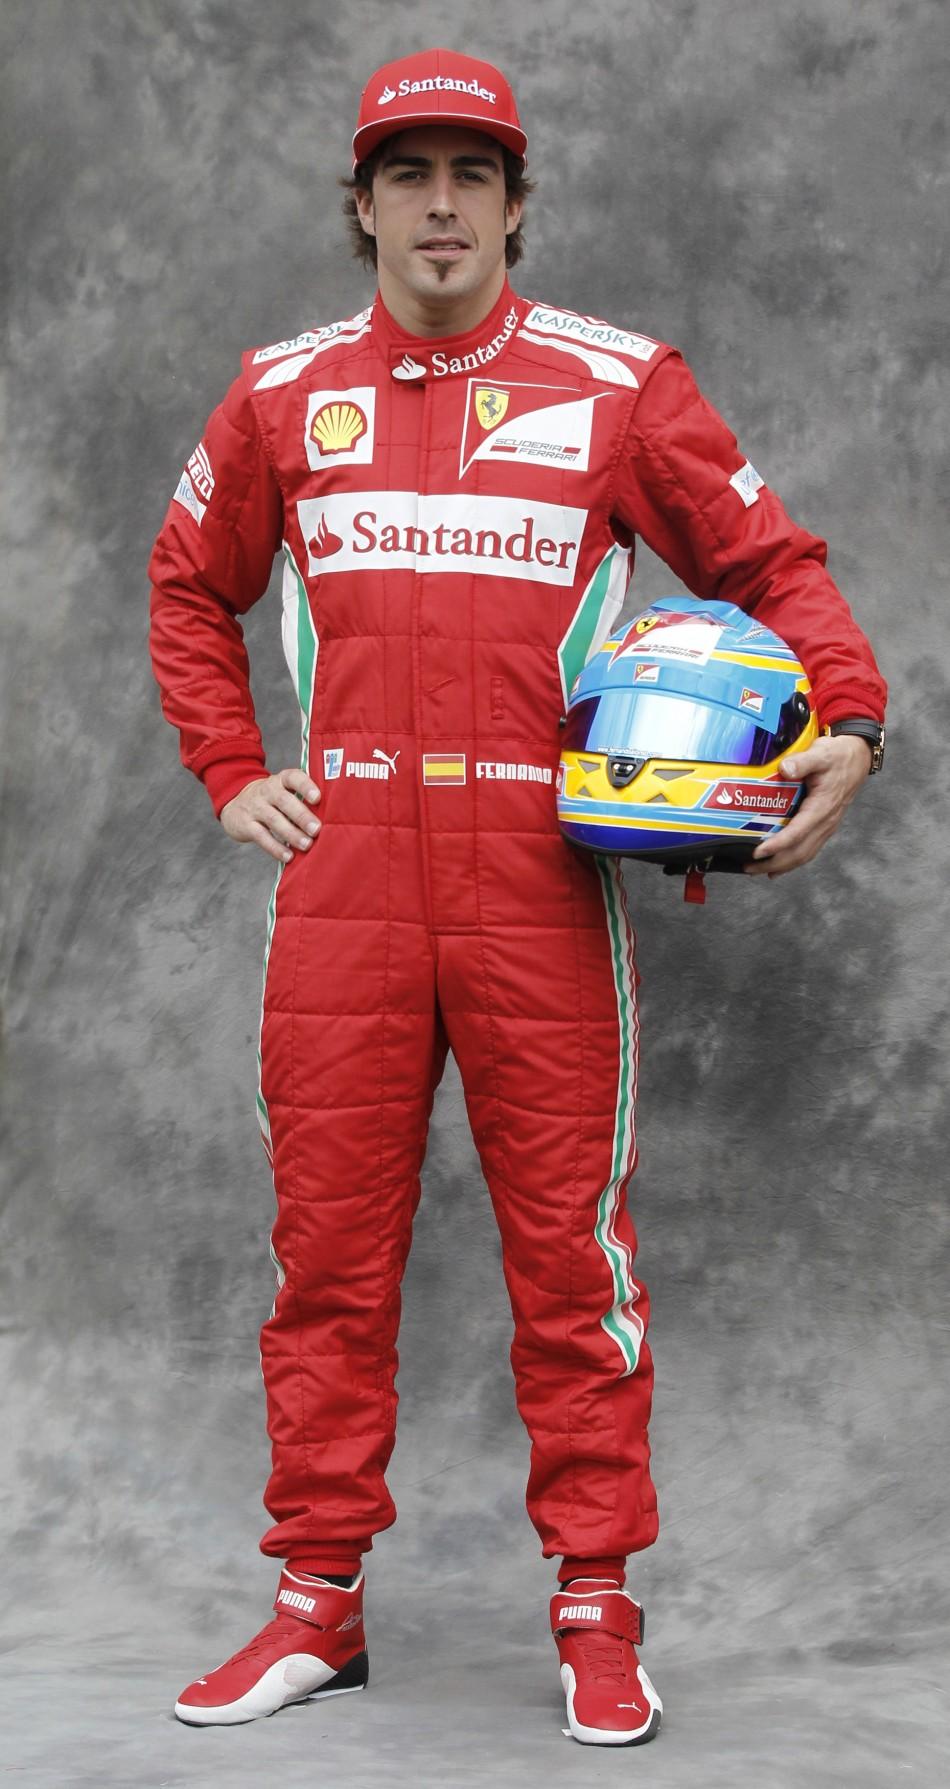 Ferrari F1 Drivers – Idées d'image de voiture